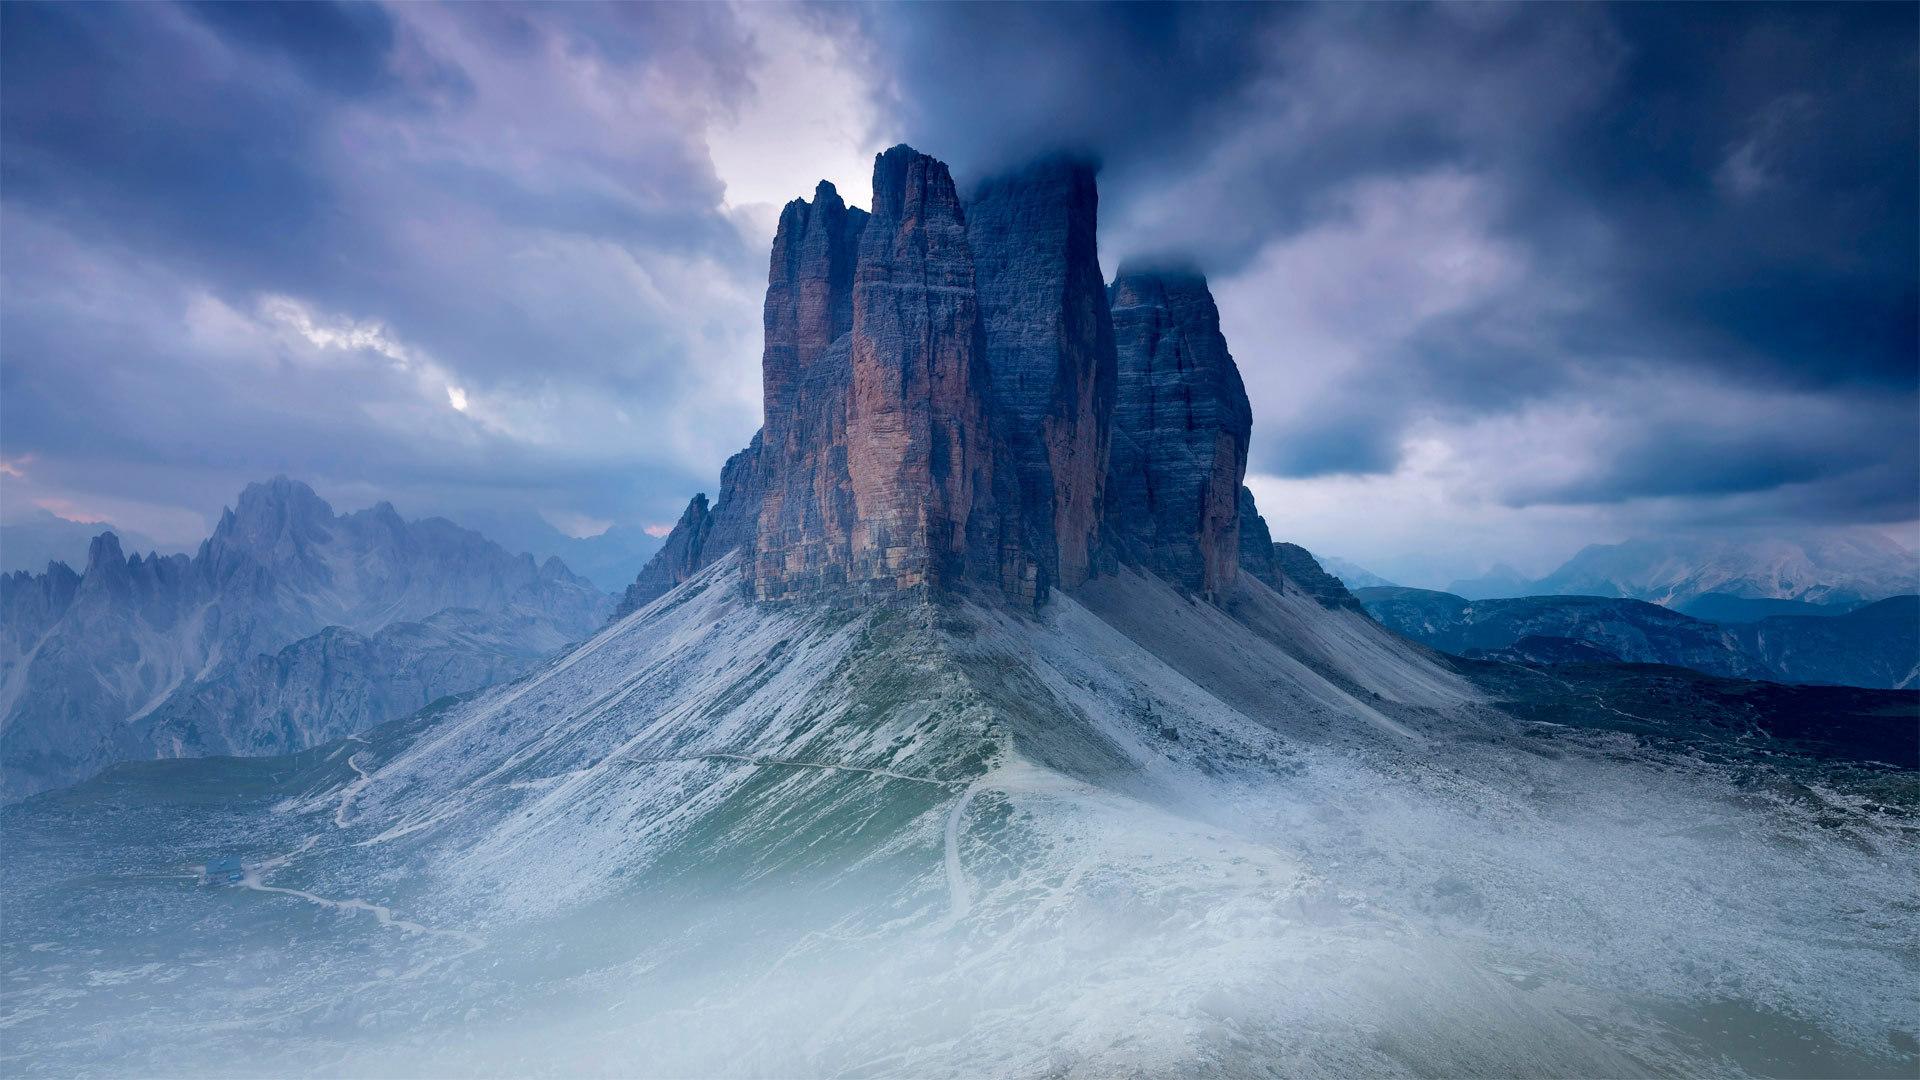 从环绕山峰的小径最高点看到的拉瓦莱多三峰山拉瓦莱多三峰山